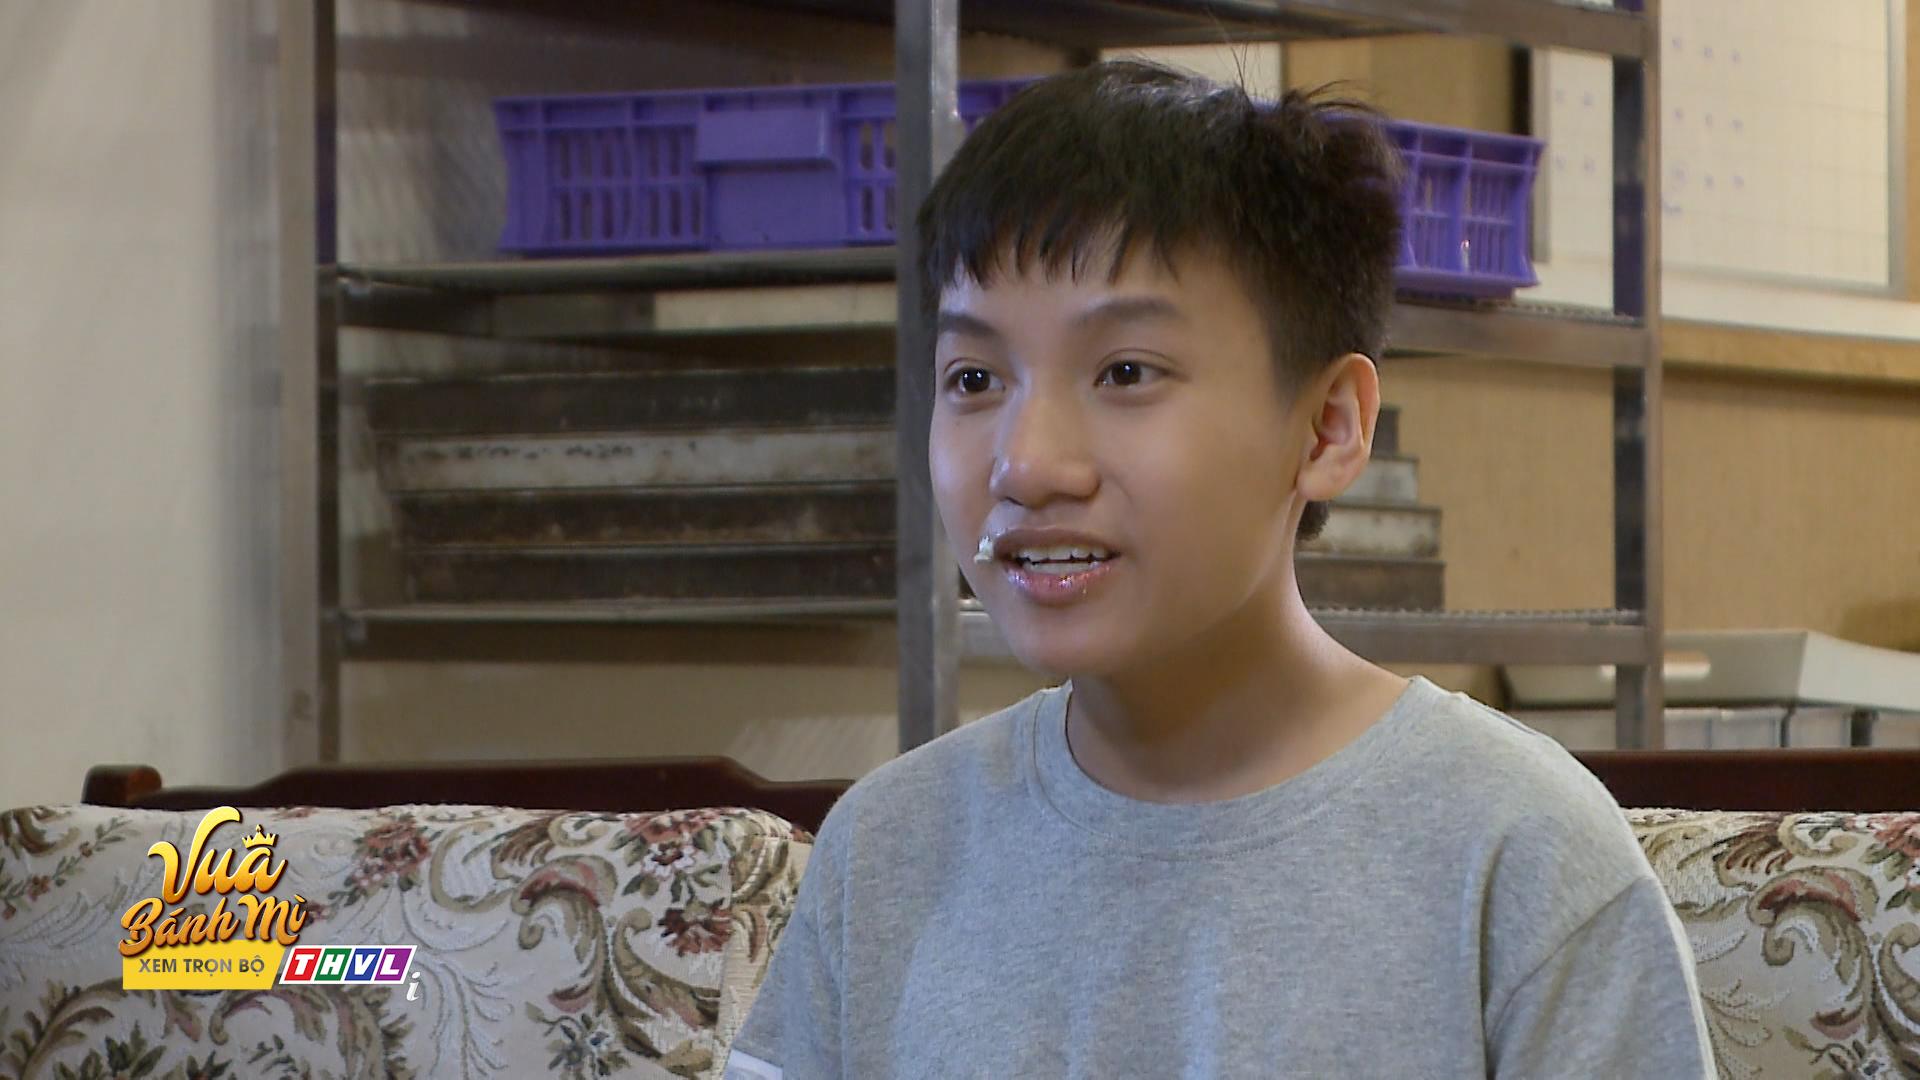 'Vua bánh mì' tập 8: Đúng là 'cha nào con nấy', con trai Cao Minh Đạt cũng sở hữu tài nghệ làm bánh từ cha 1